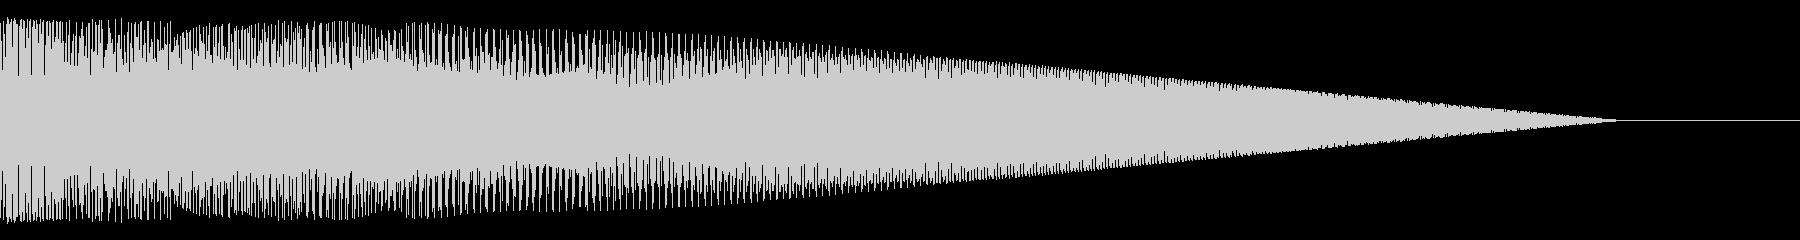 ッフォゥーーー(SF、ロゴ、タイトル等)の未再生の波形